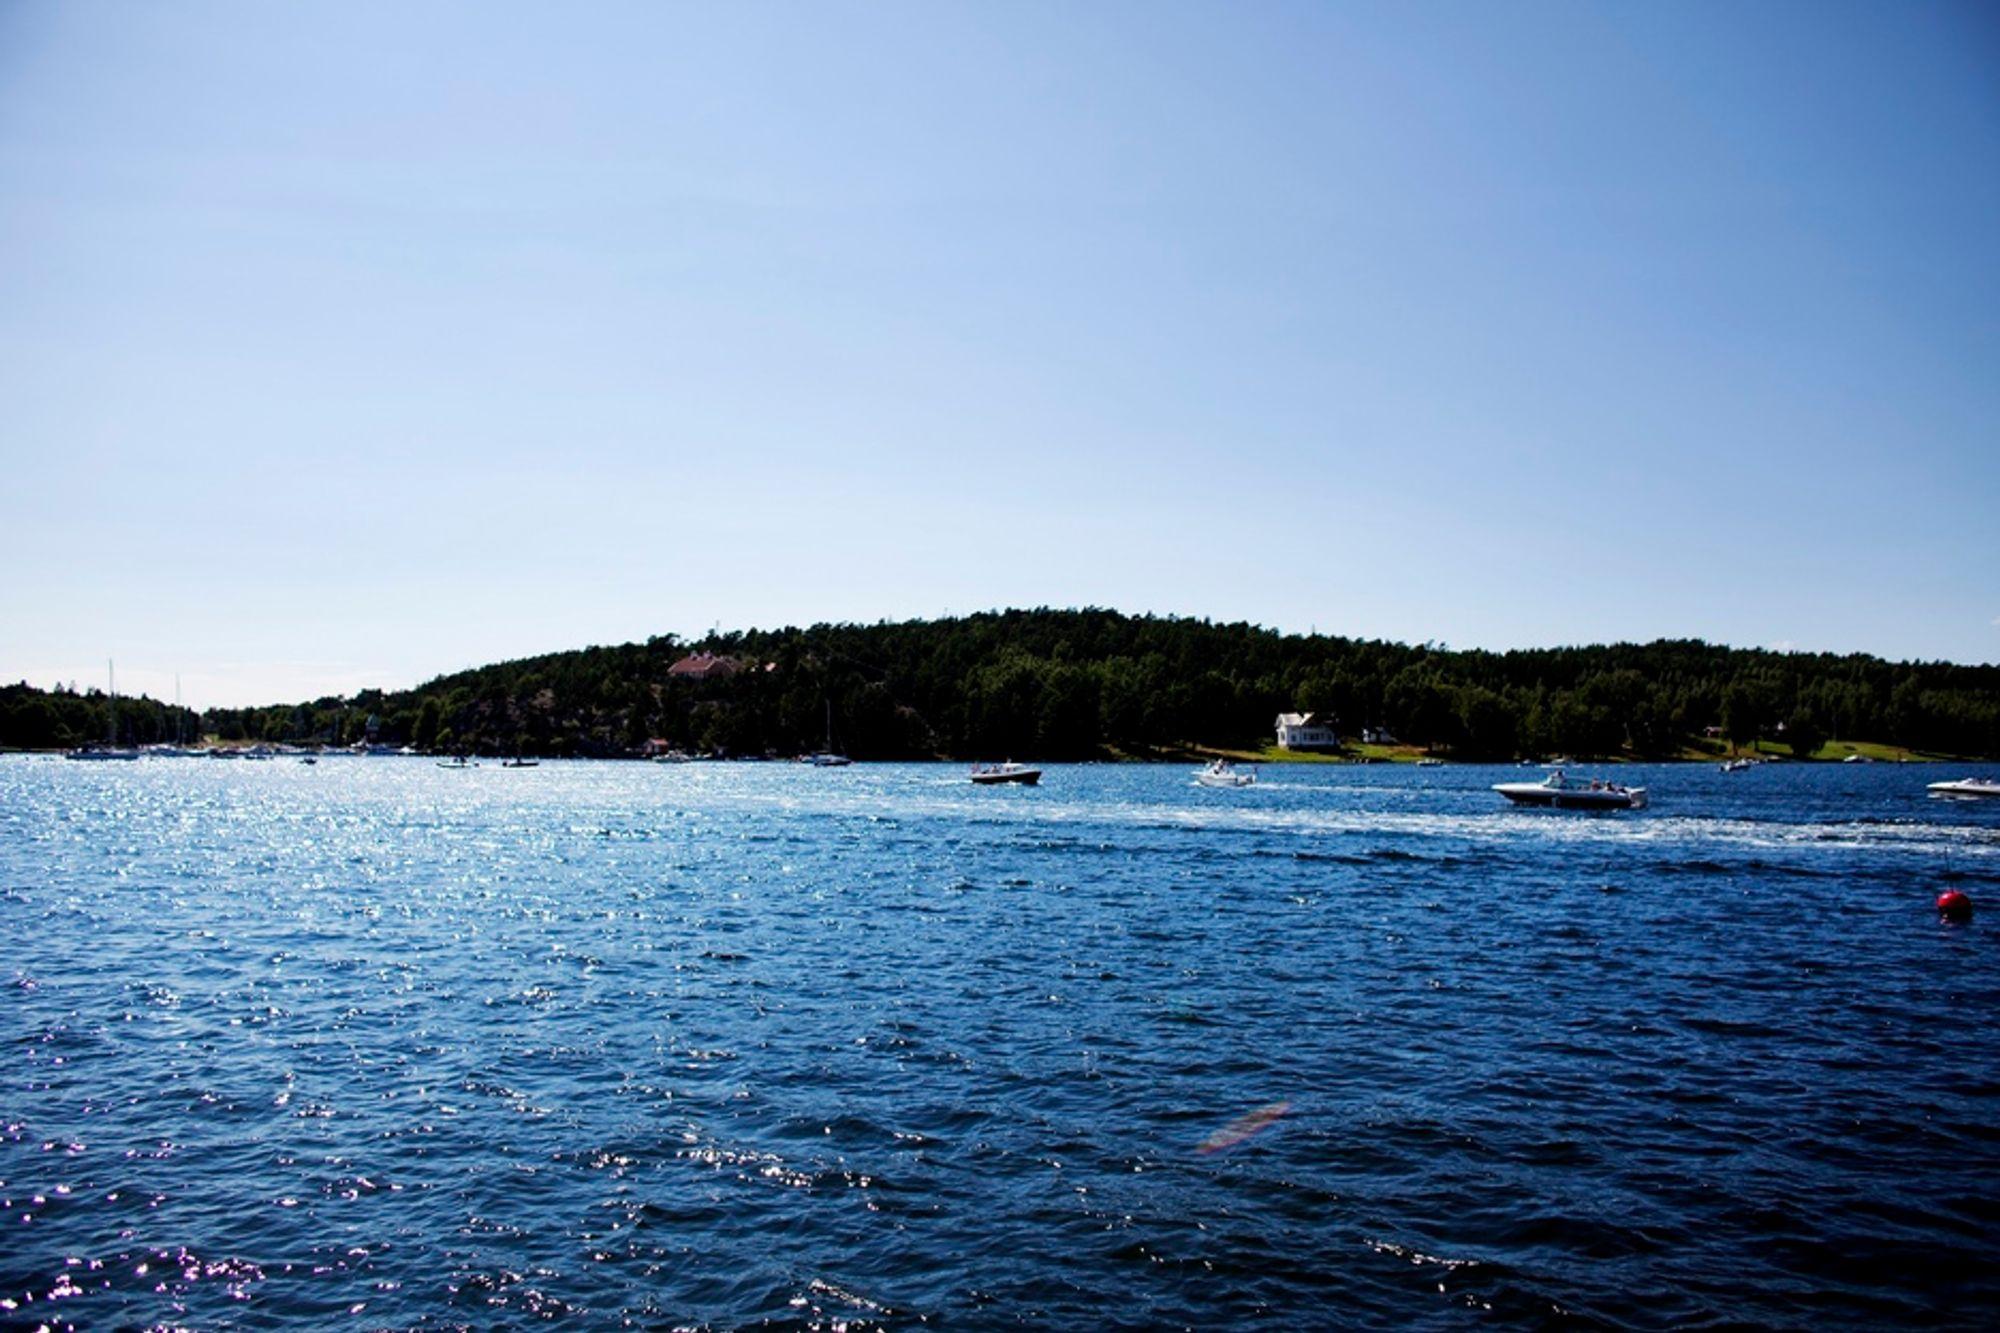 INGEN HENSYN: WWF mener Miljøverndepartementet ikke tar hensyn til risikoen for at fremmede arter kan skade marint plante- og dyreliv i Norge, ettersom forbudet mot å slippe ut ballastvann i norske havner ble opphevet fra 1. juli.